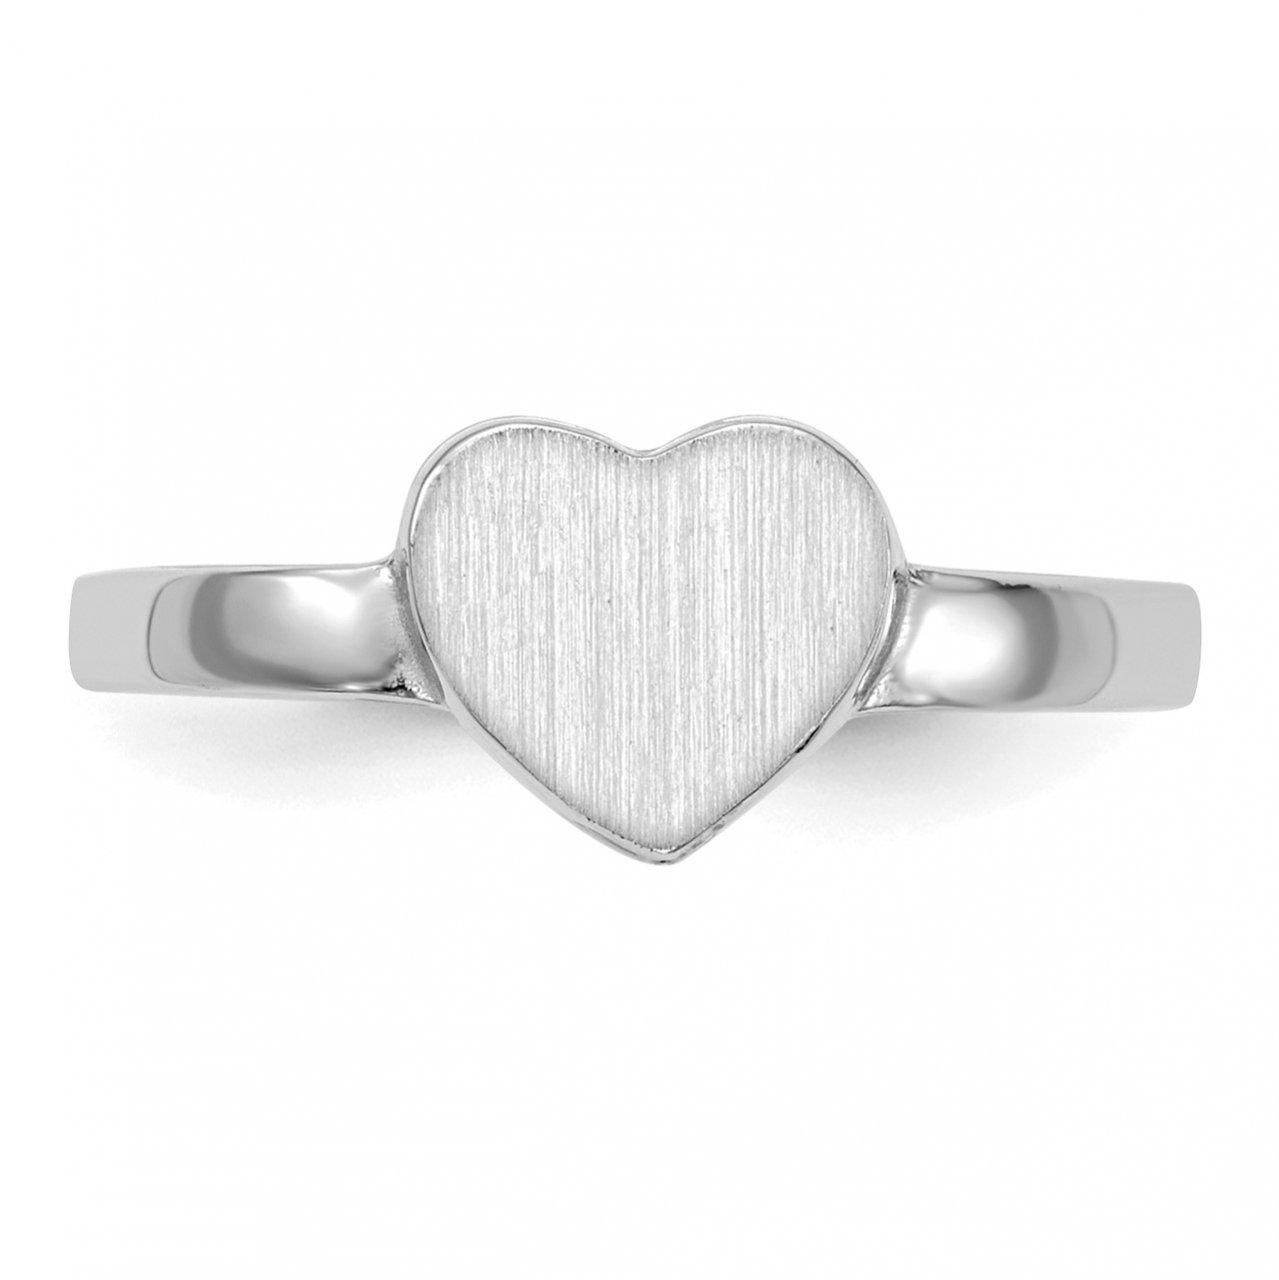 14k White Gold 7.0x7.5mm Open Back Heart Signet Ring-3